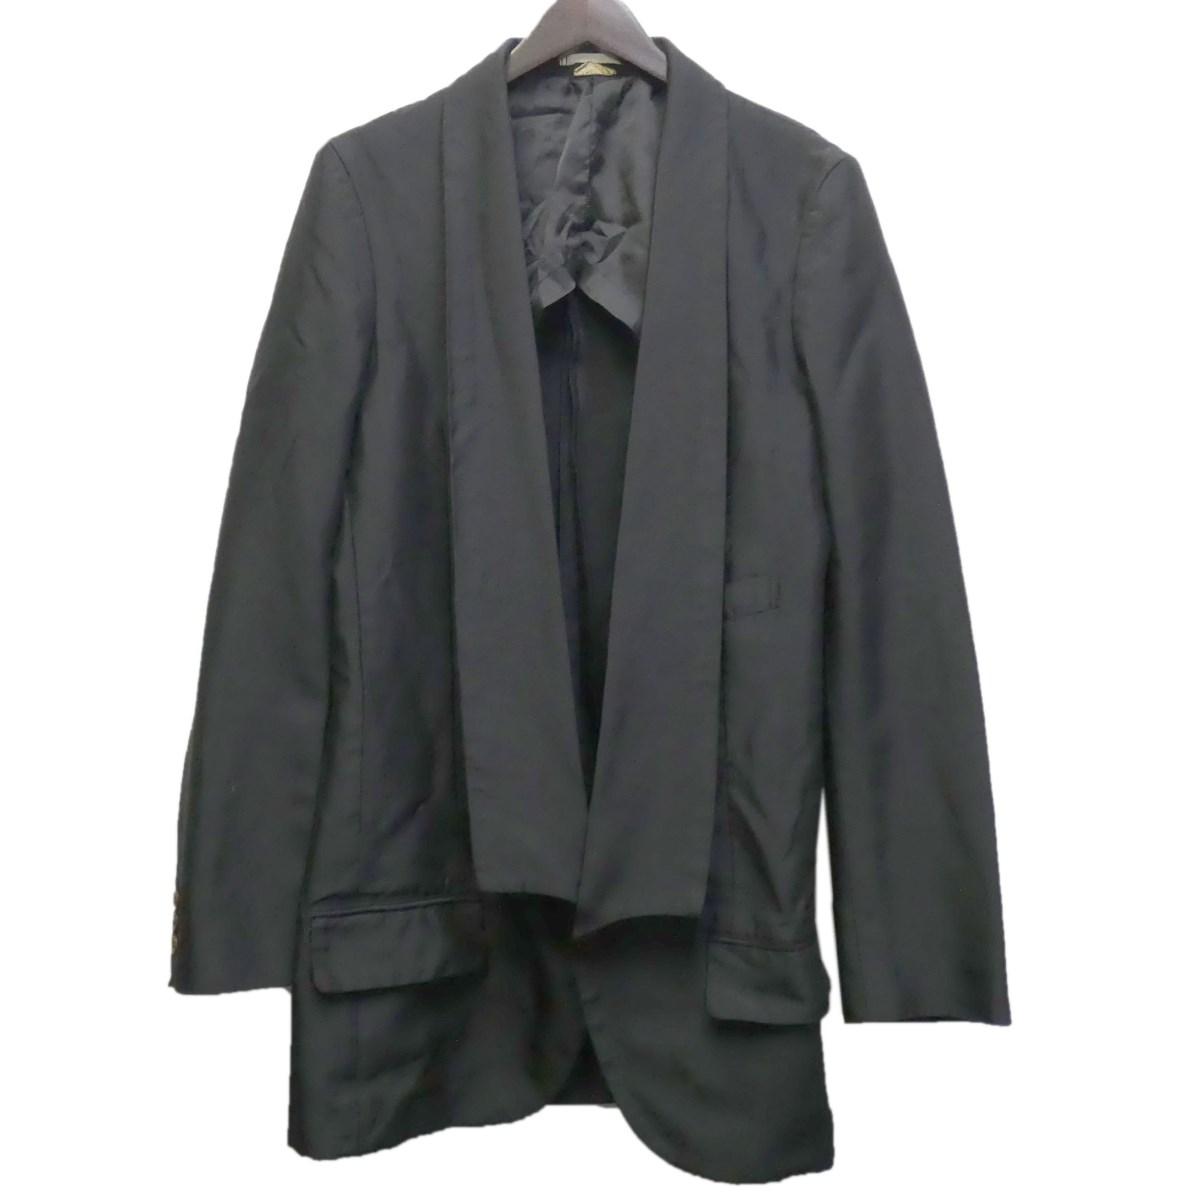 【中古】COMME des GARCONS HOMME PLUS 19AW ショールカラーロングジャケット ブラック サイズ:S 【040420】(コムデギャルソンオムプリュス)